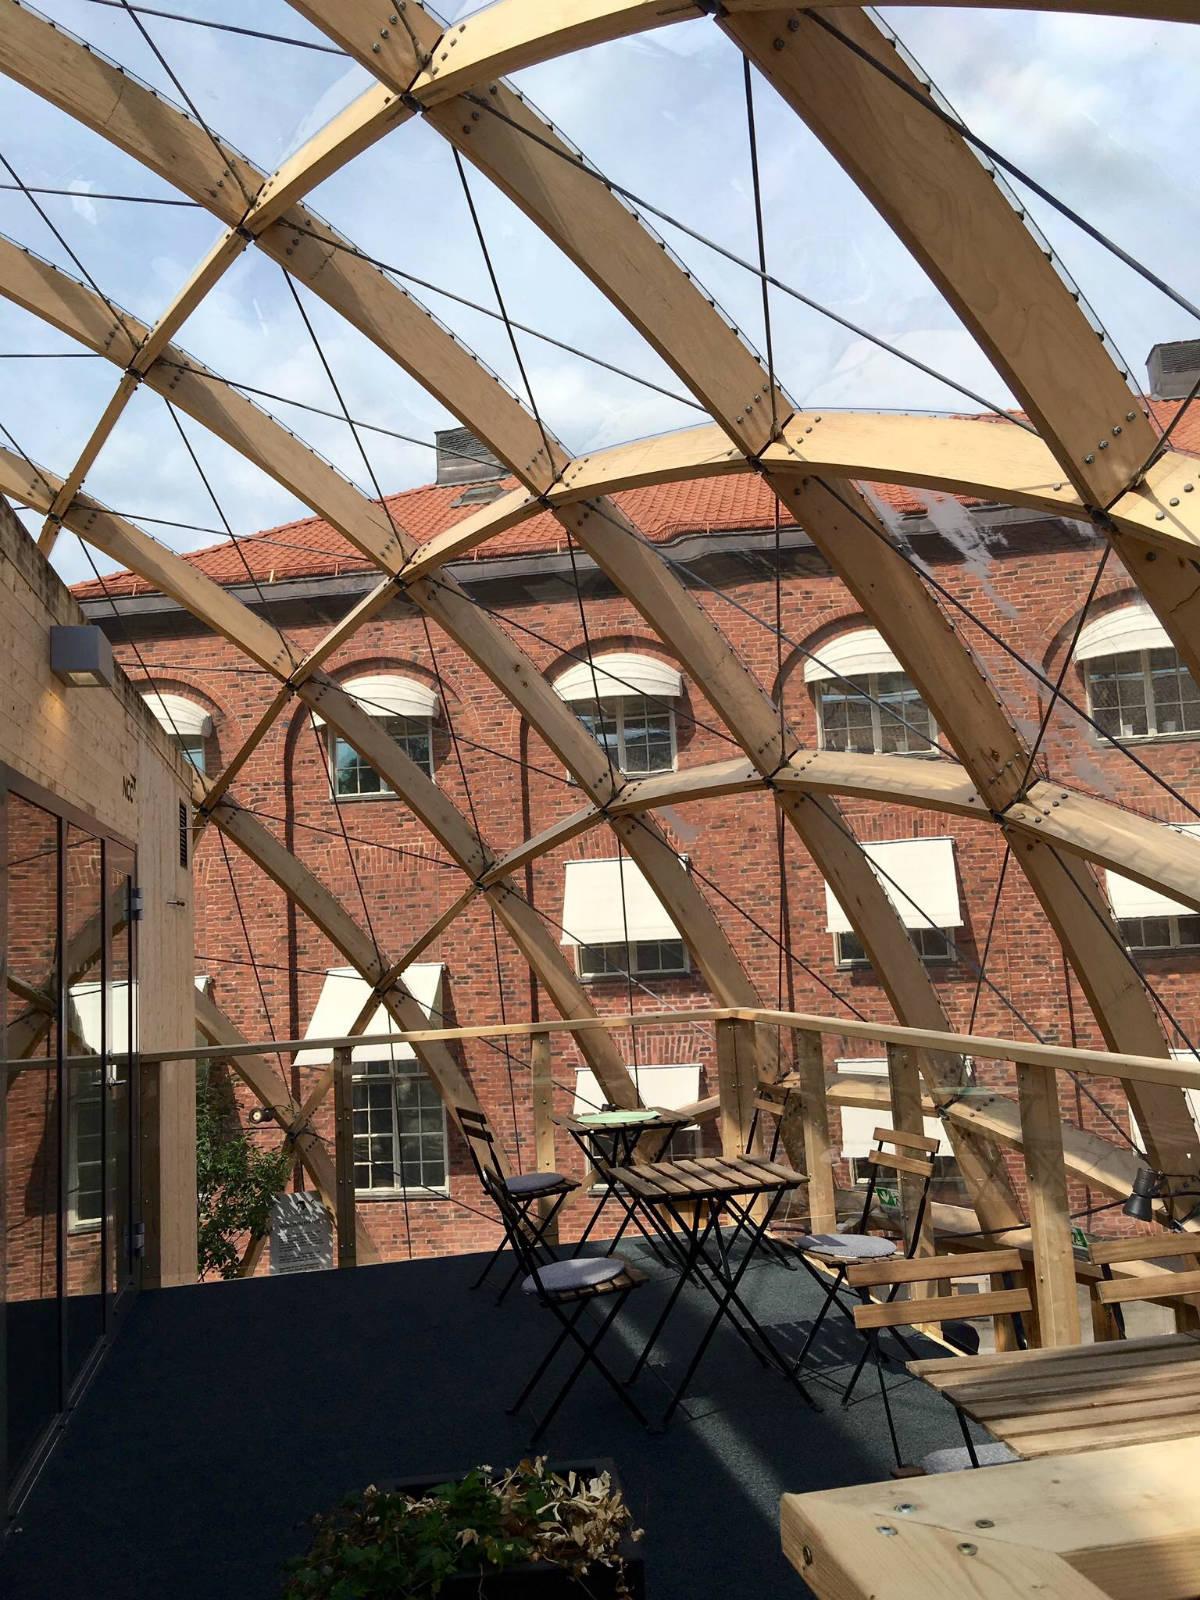 位於瑞典皇家理工學院是正中的 Dome of Visions。